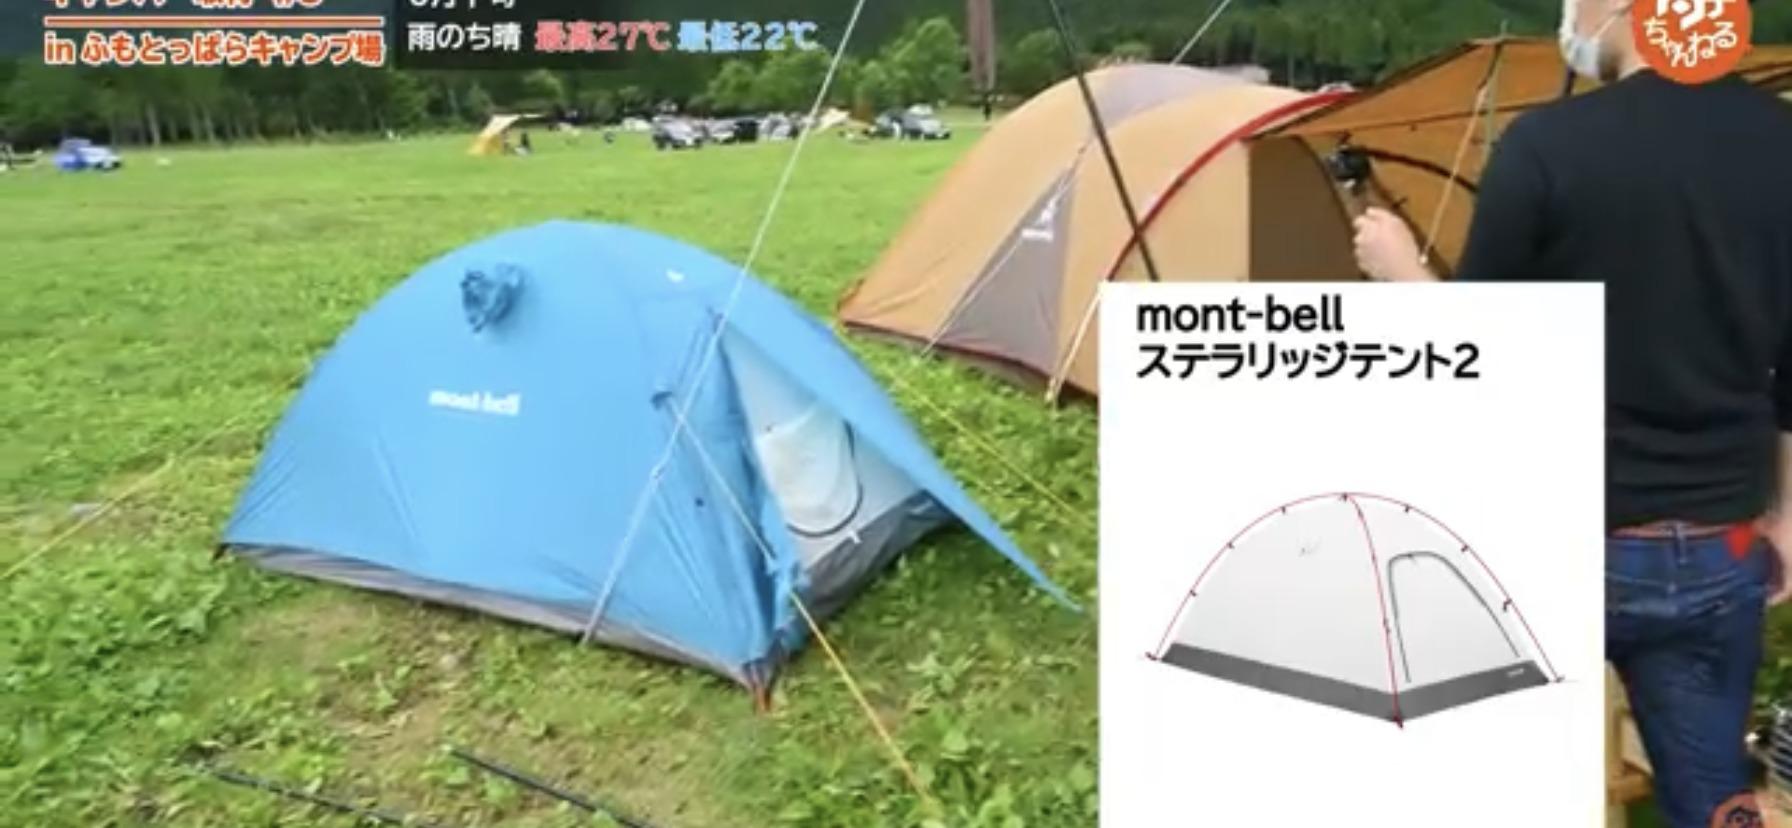 テント:【mont-bell(モンベル)】 ステラリッジテント2